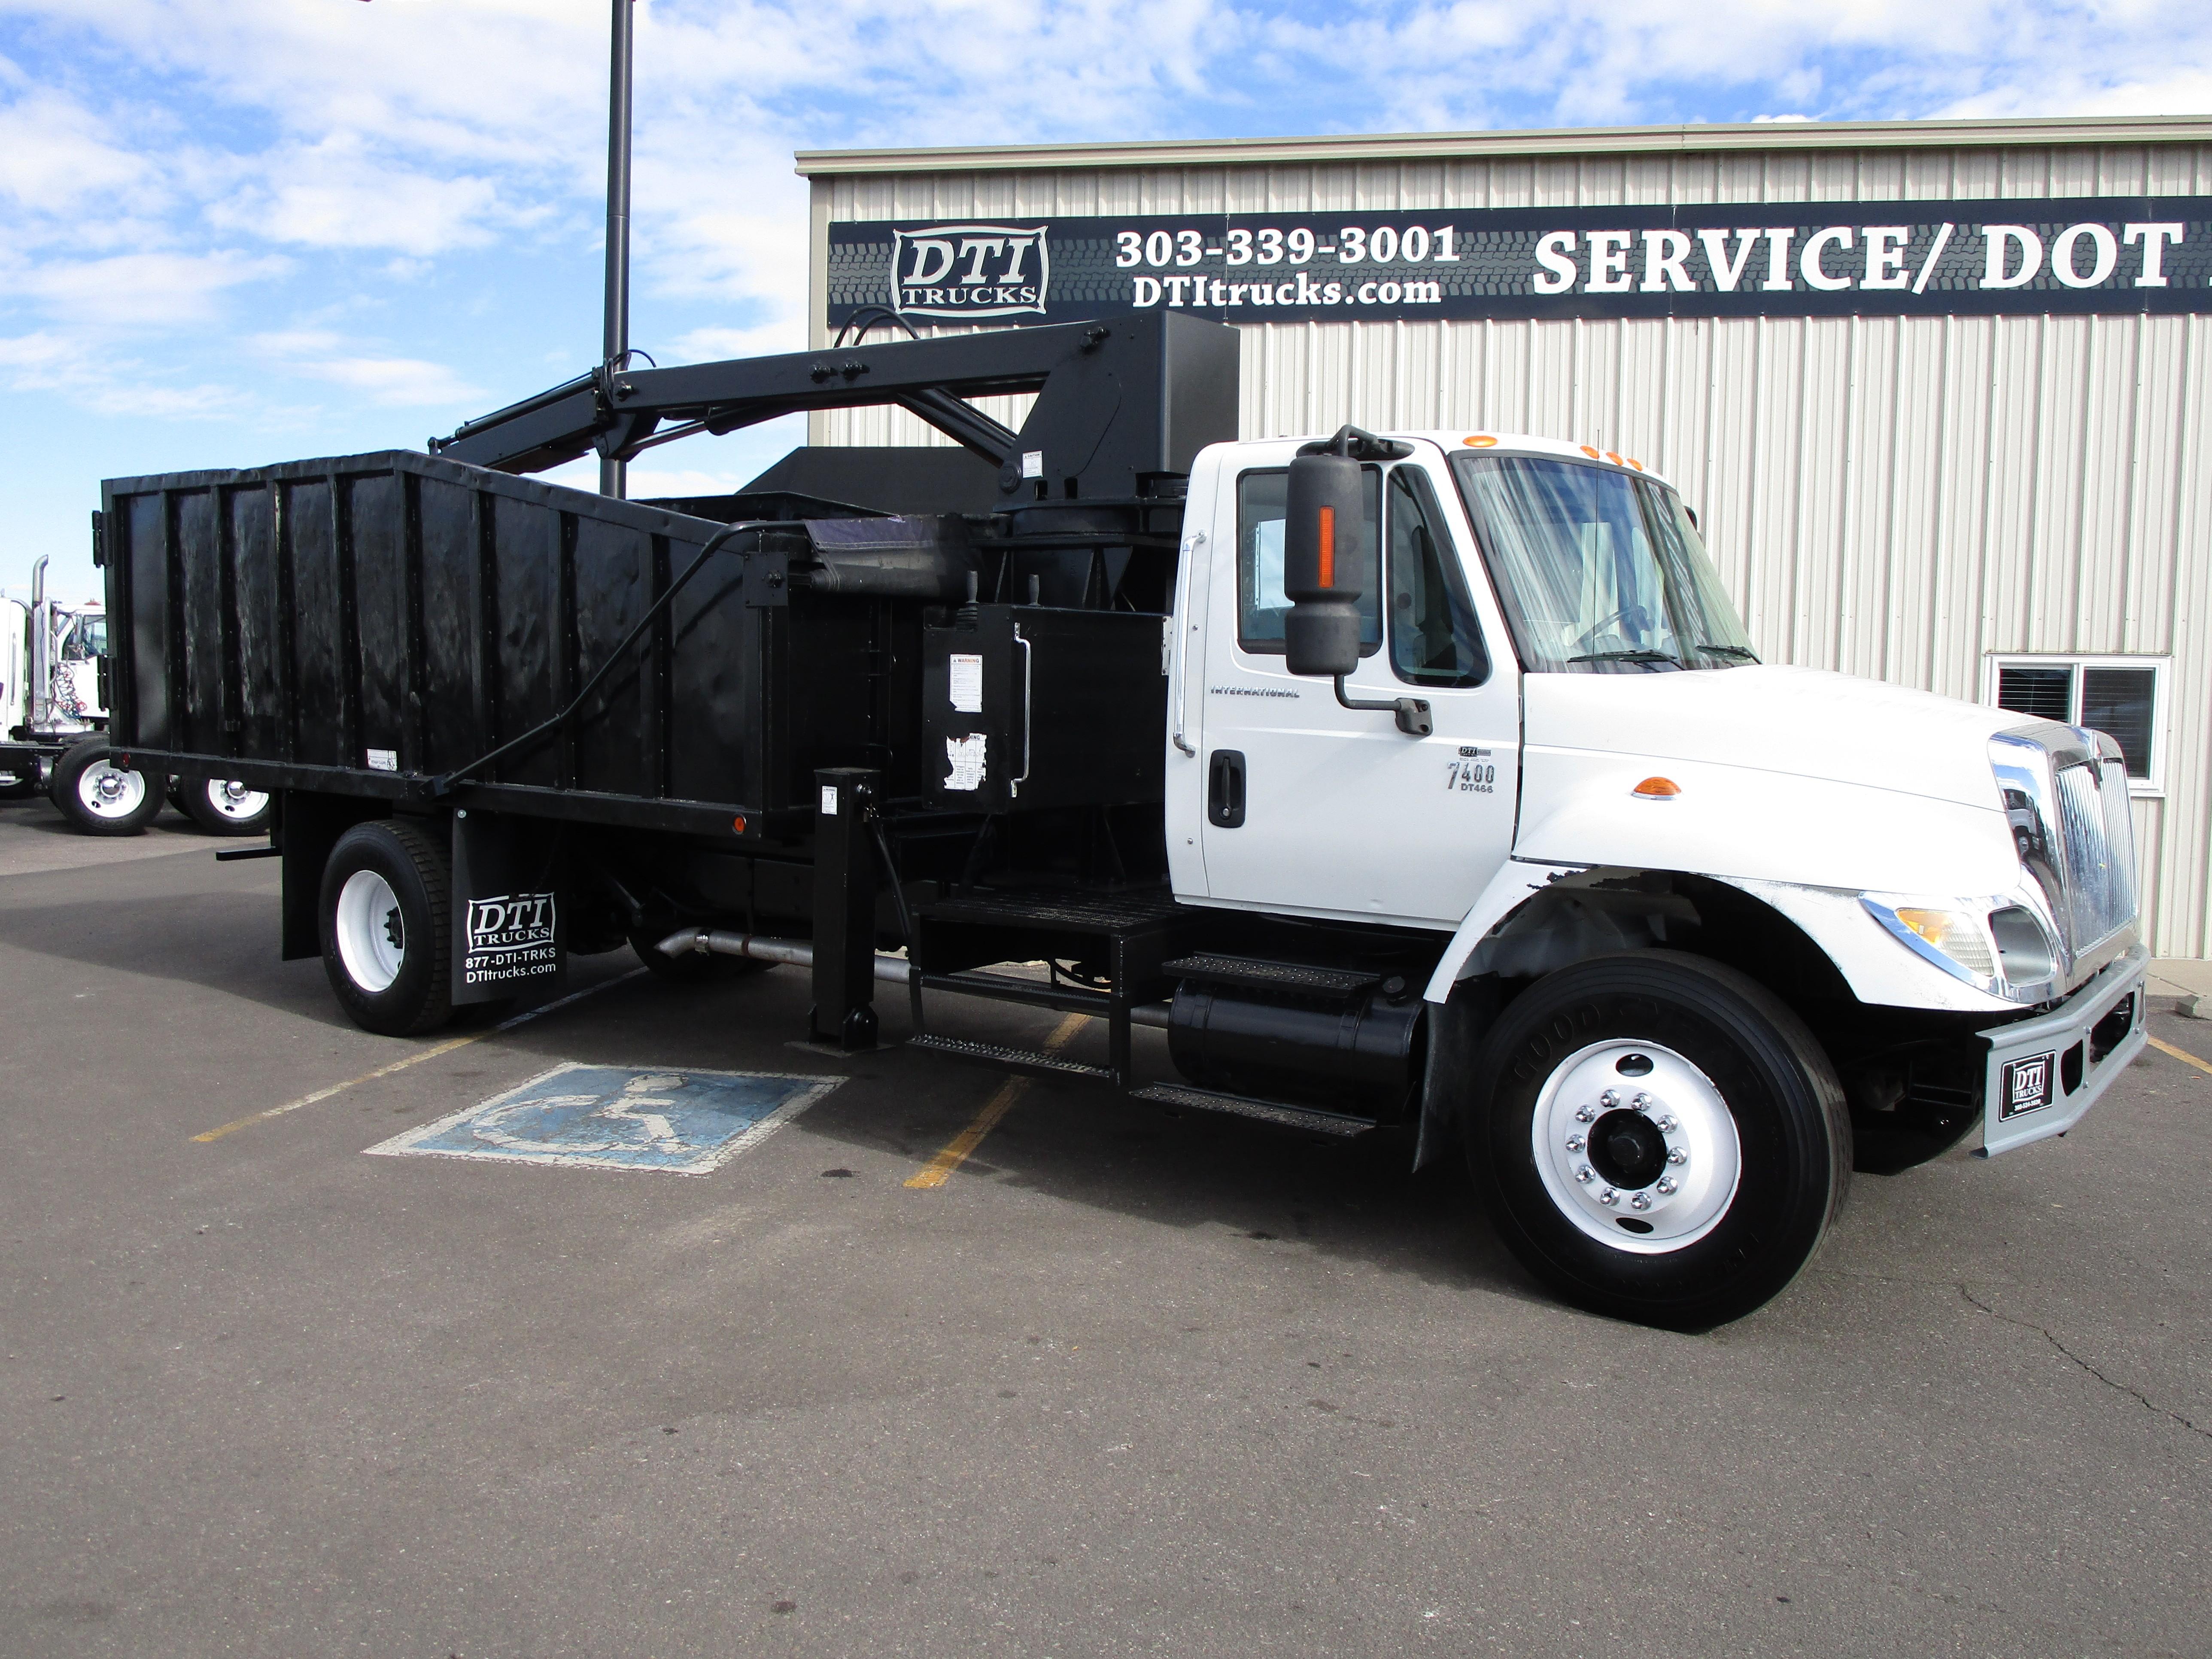 Heavy Duty Truck Dealer In Denver Co Truck Fabrication